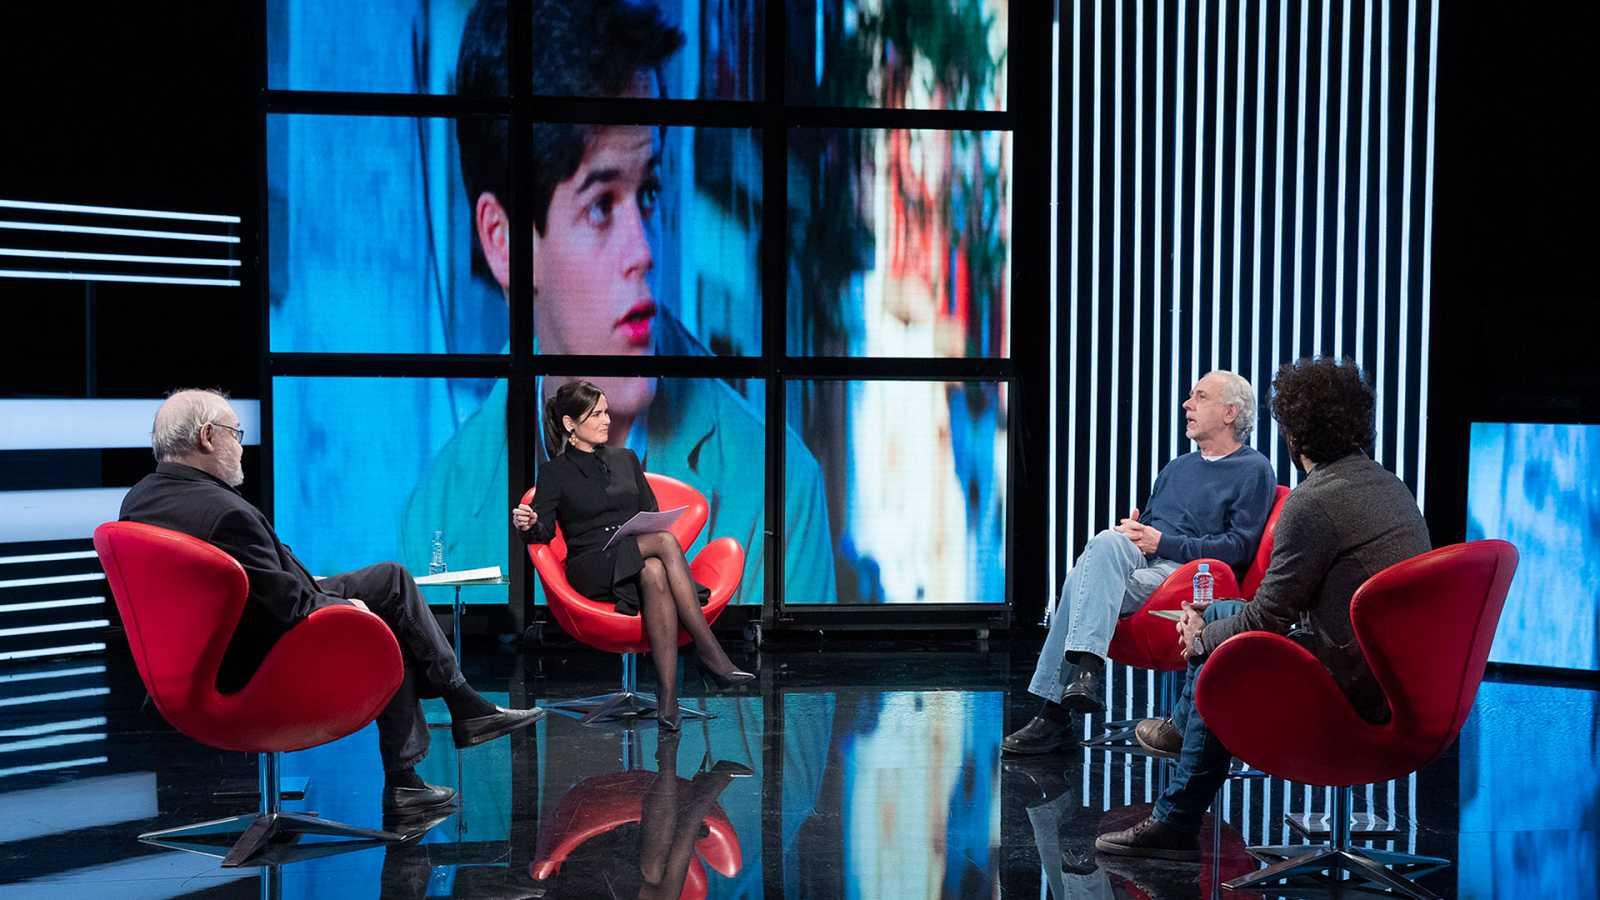 Historia de nuestro cine - Coloquio: Berlinale - ver ahora